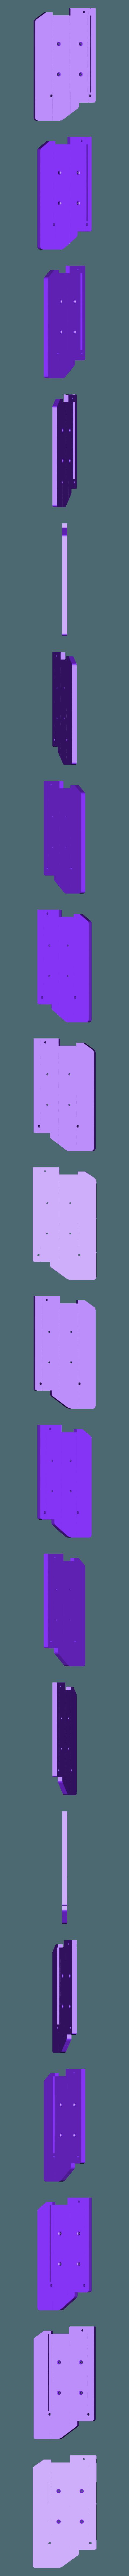 side_LT_panel_CUT_REAR.stl Télécharger fichier STL gratuit Ghostbuster Ghostbuster Ghosttrap • Modèle pour impression 3D, SLIDES